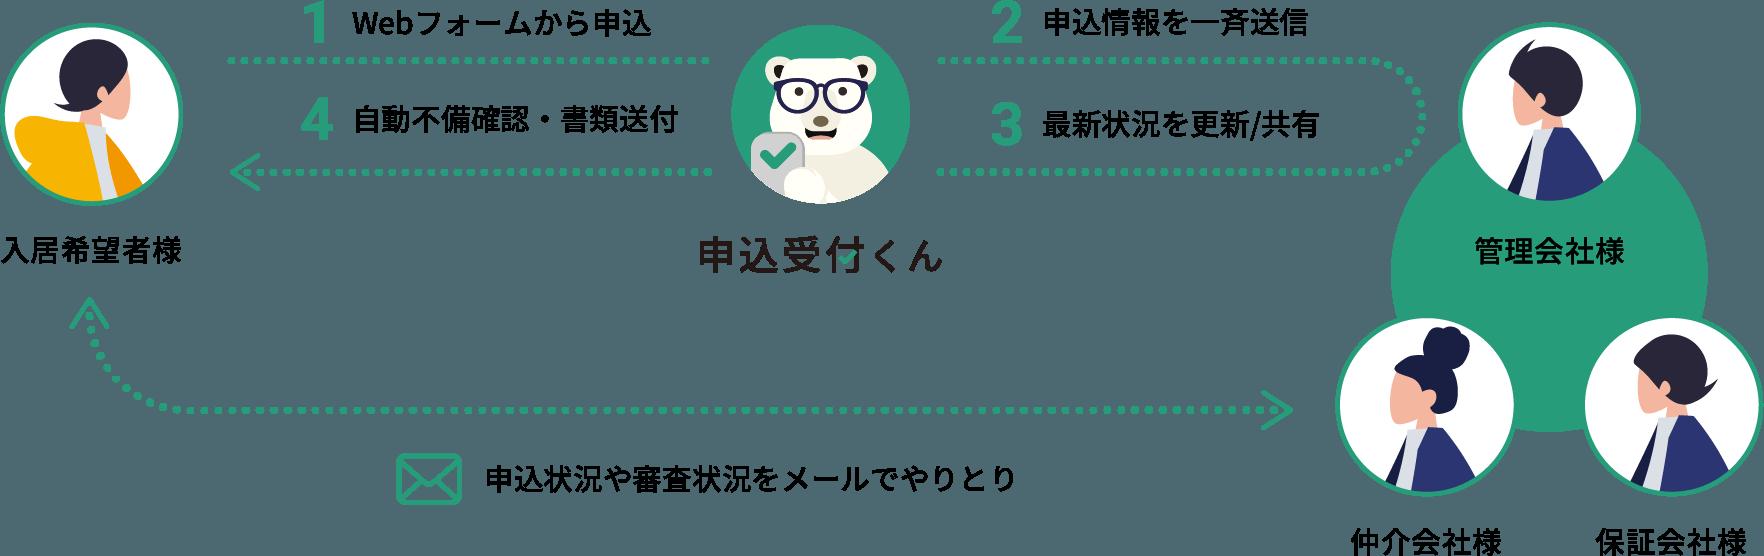 Moushikomi conseptual